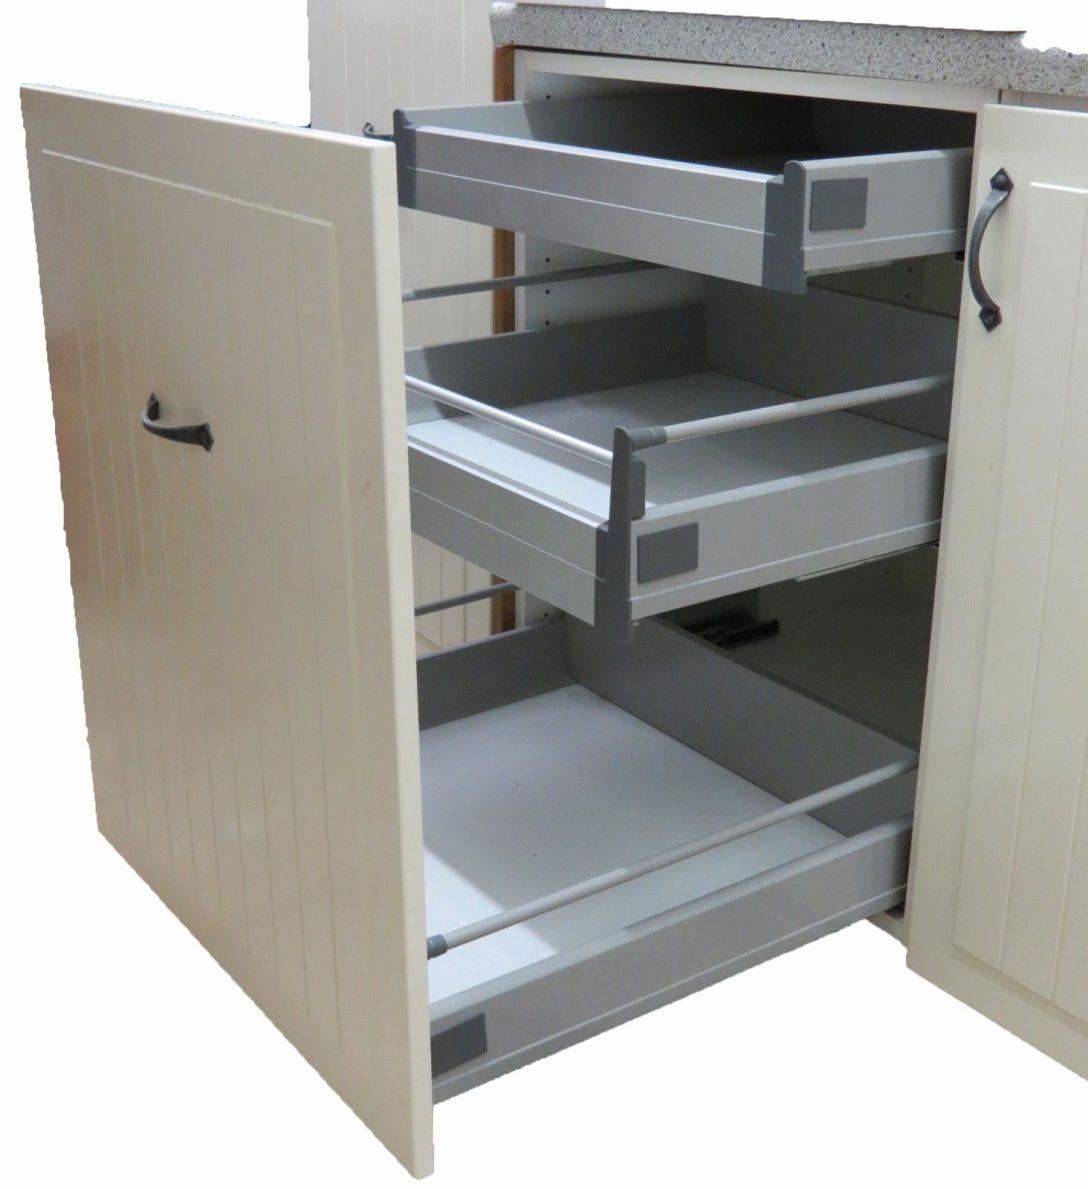 Large Size of Hornbach Unterschrank Küche Unterschrank Küche Weiß Offener Unterschrank Küche Unterschrank Küche Gebraucht Küche Unterschrank Küche